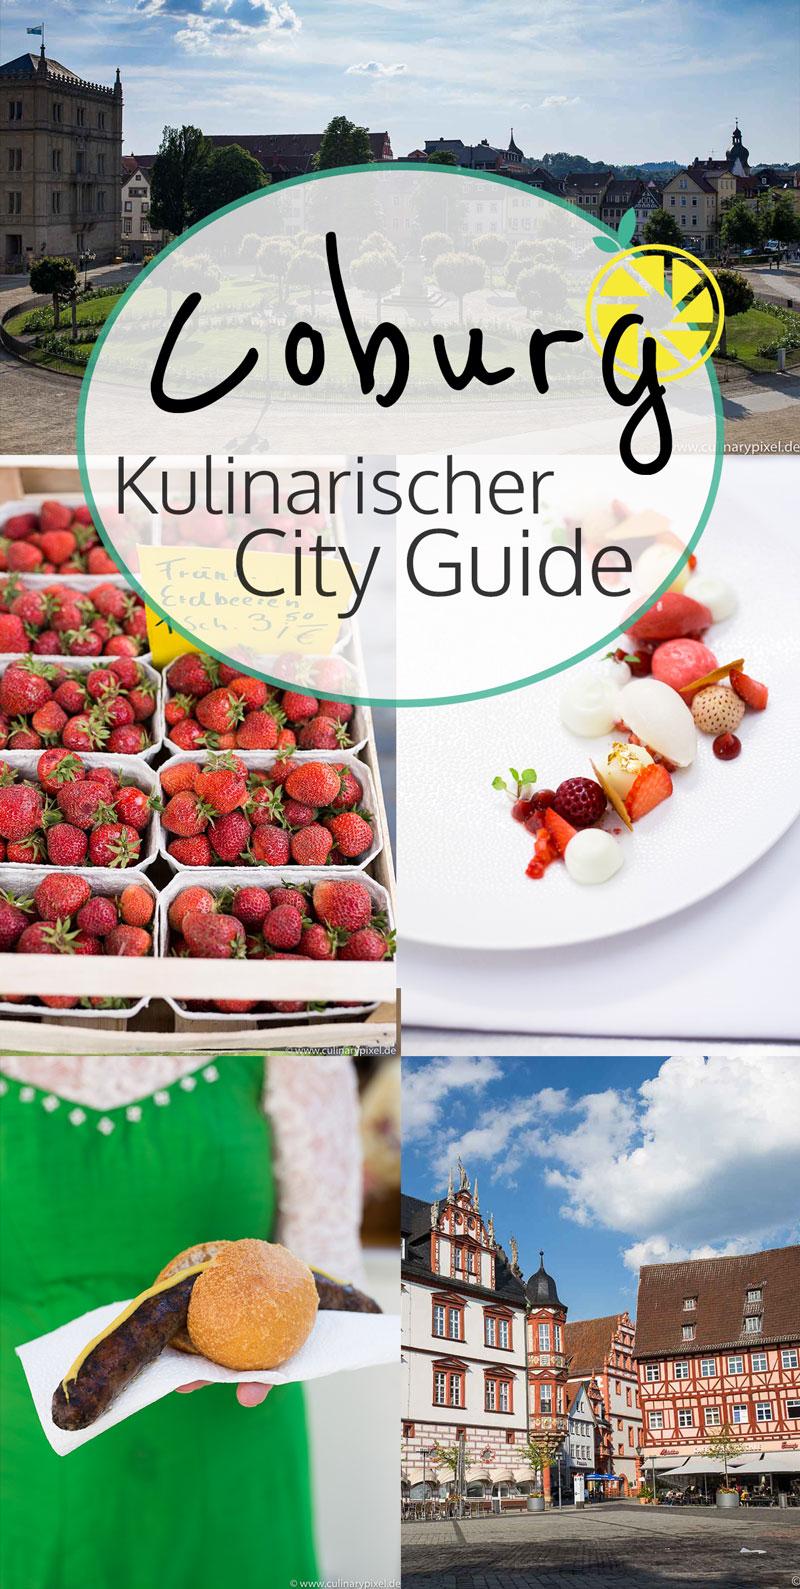 Coburg - Kulinarischer City Guide